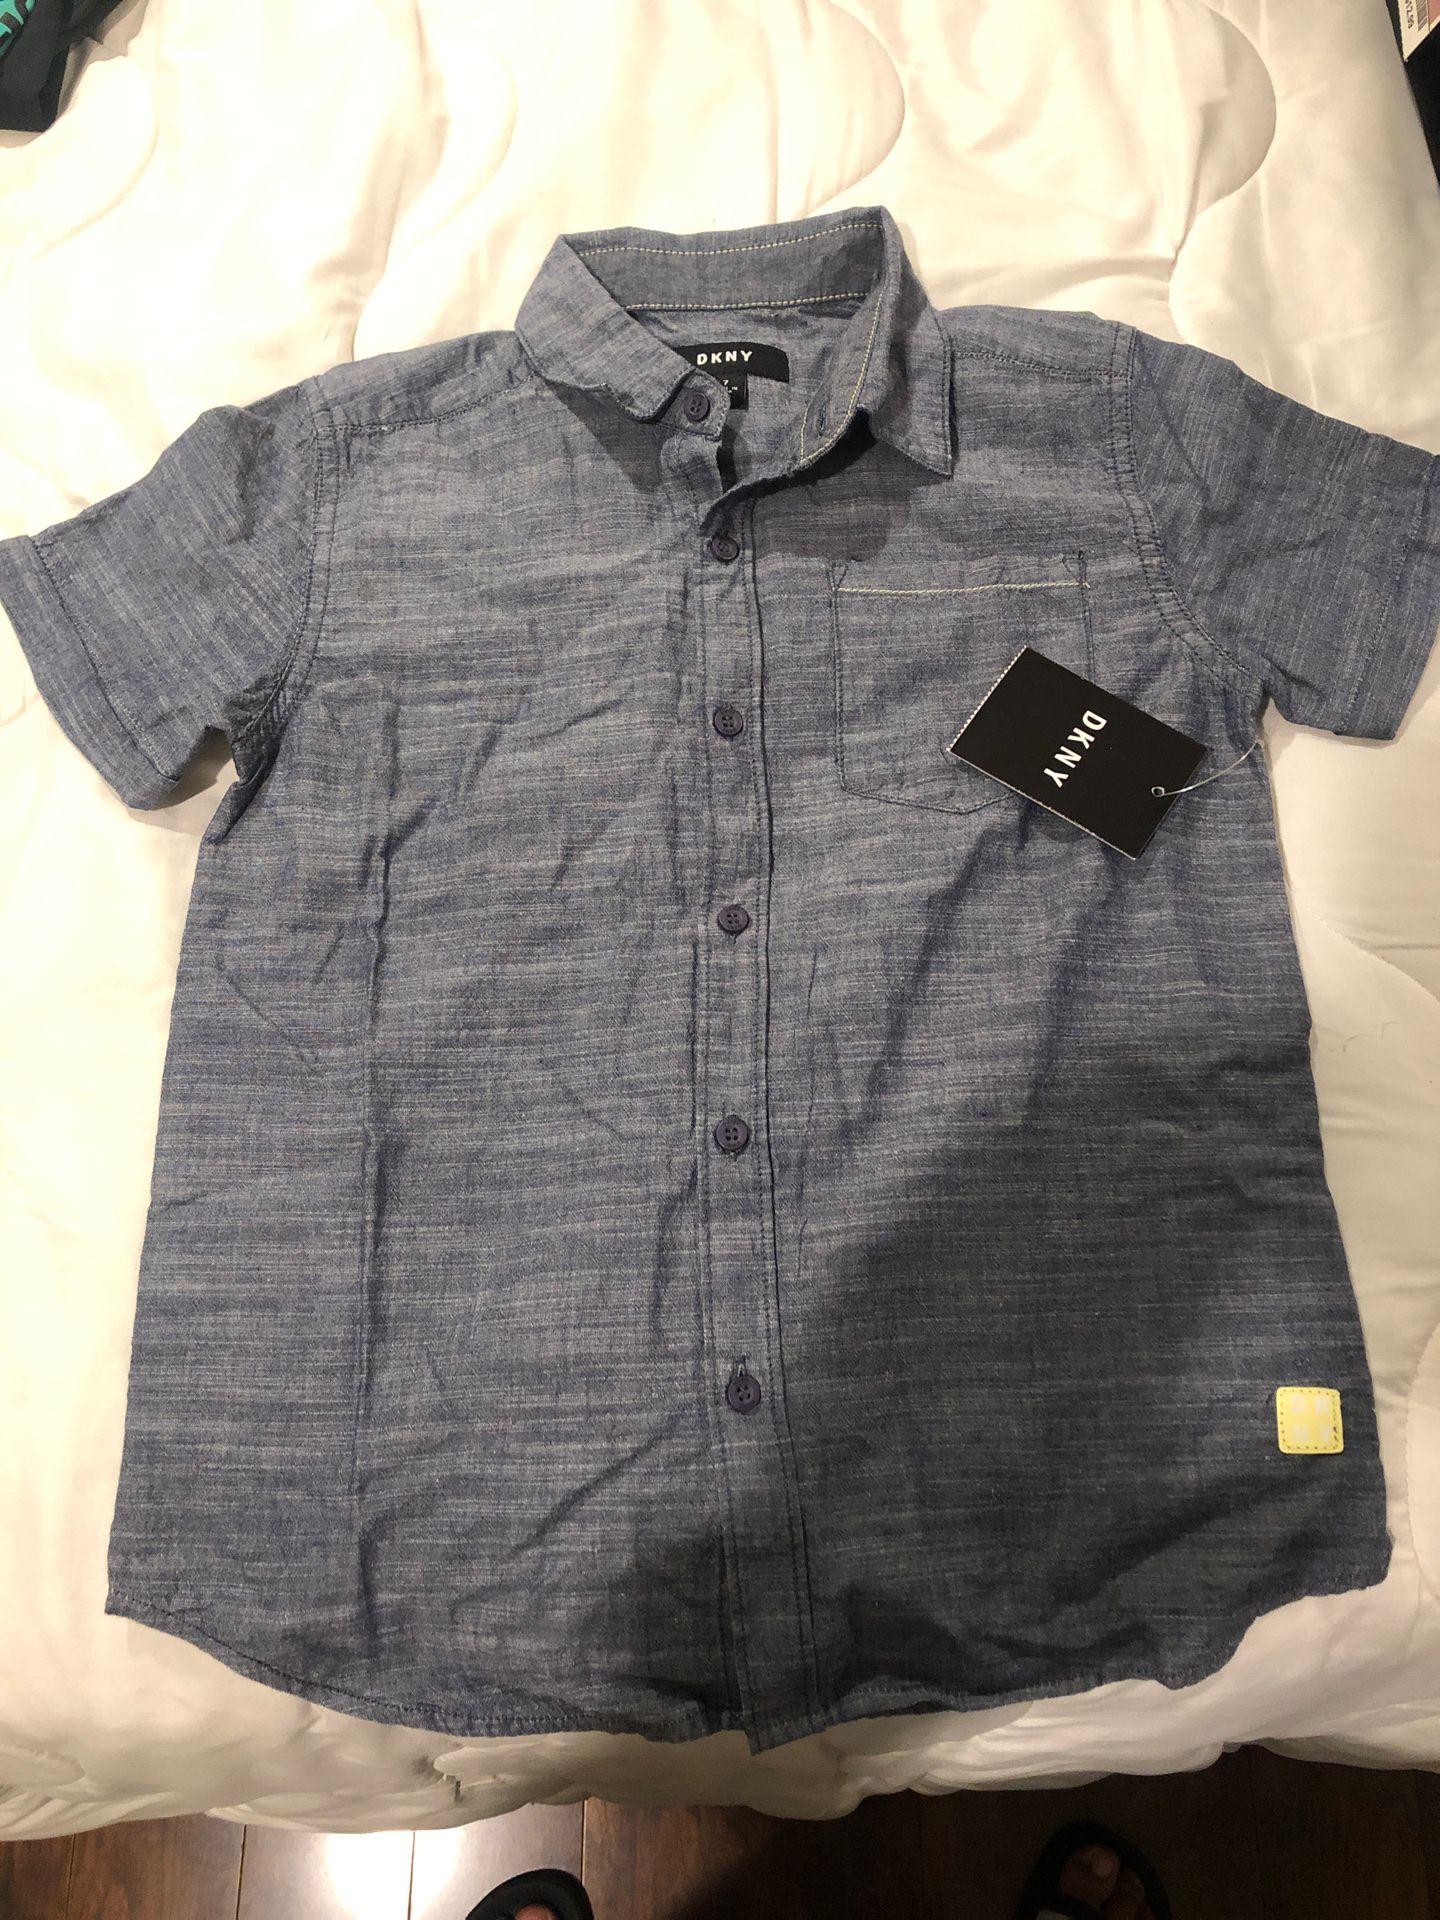 Boy DKNY short sleeve shirt